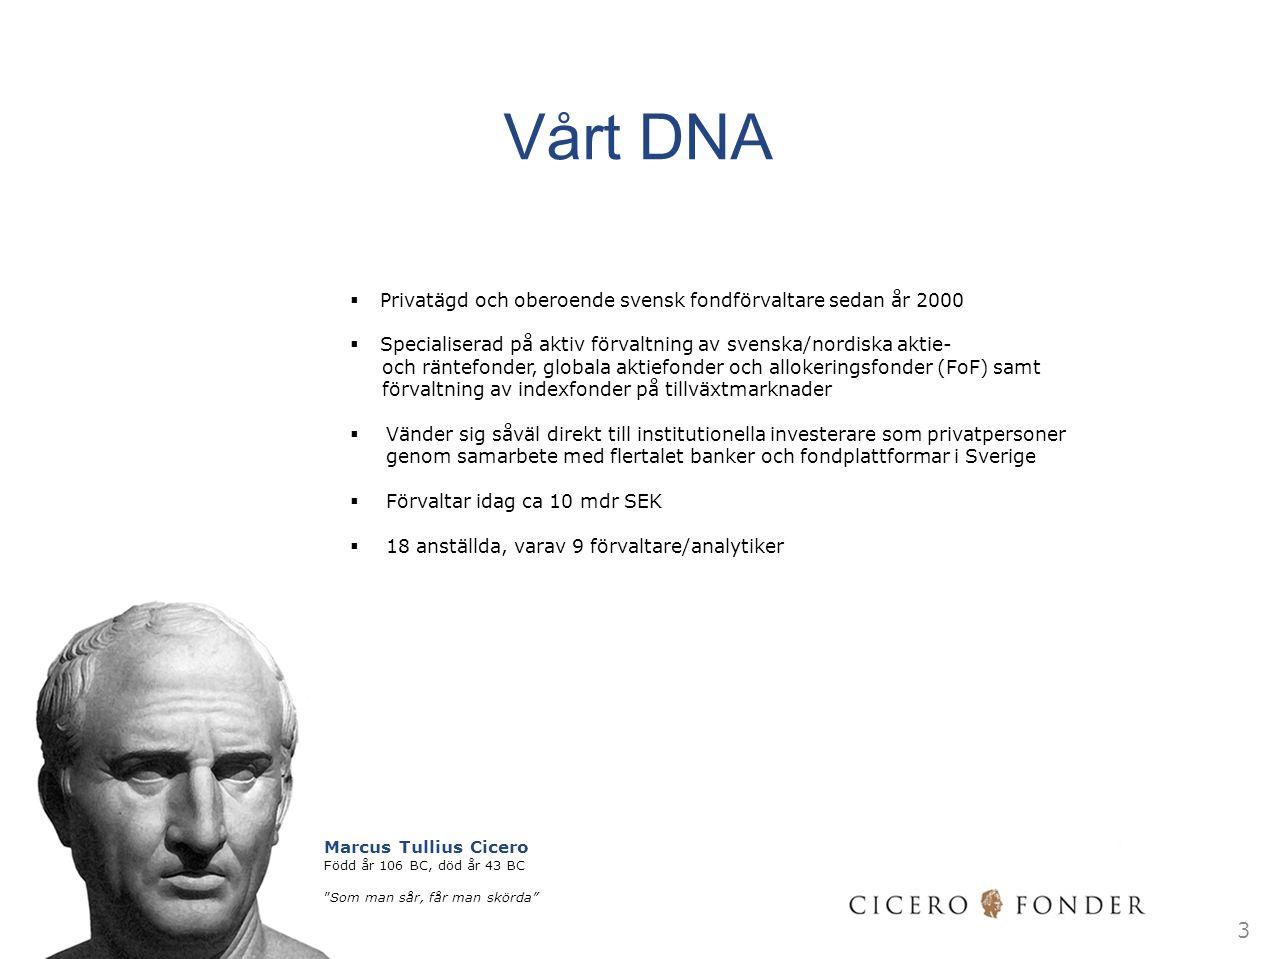 Vårt DNA  Privatägd och oberoende svensk fondförvaltare sedan år 2000  Specialiserad på aktiv förvaltning av svenska/nordiska aktie- och räntefonder, globala aktiefonder och allokeringsfonder (FoF) samt förvaltning av indexfonder på tillväxtmarknader  Vänder sig såväl direkt till institutionella investerare som privatpersoner genom samarbete med flertalet banker och fondplattformar i Sverige  Förvaltar idag ca 10 mdr SEK  18 anställda, varav 9 förvaltare/analytiker 3 Marcus Tullius Cicero Född år 106 BC, död år 43 BC Som man sår, får man skörda